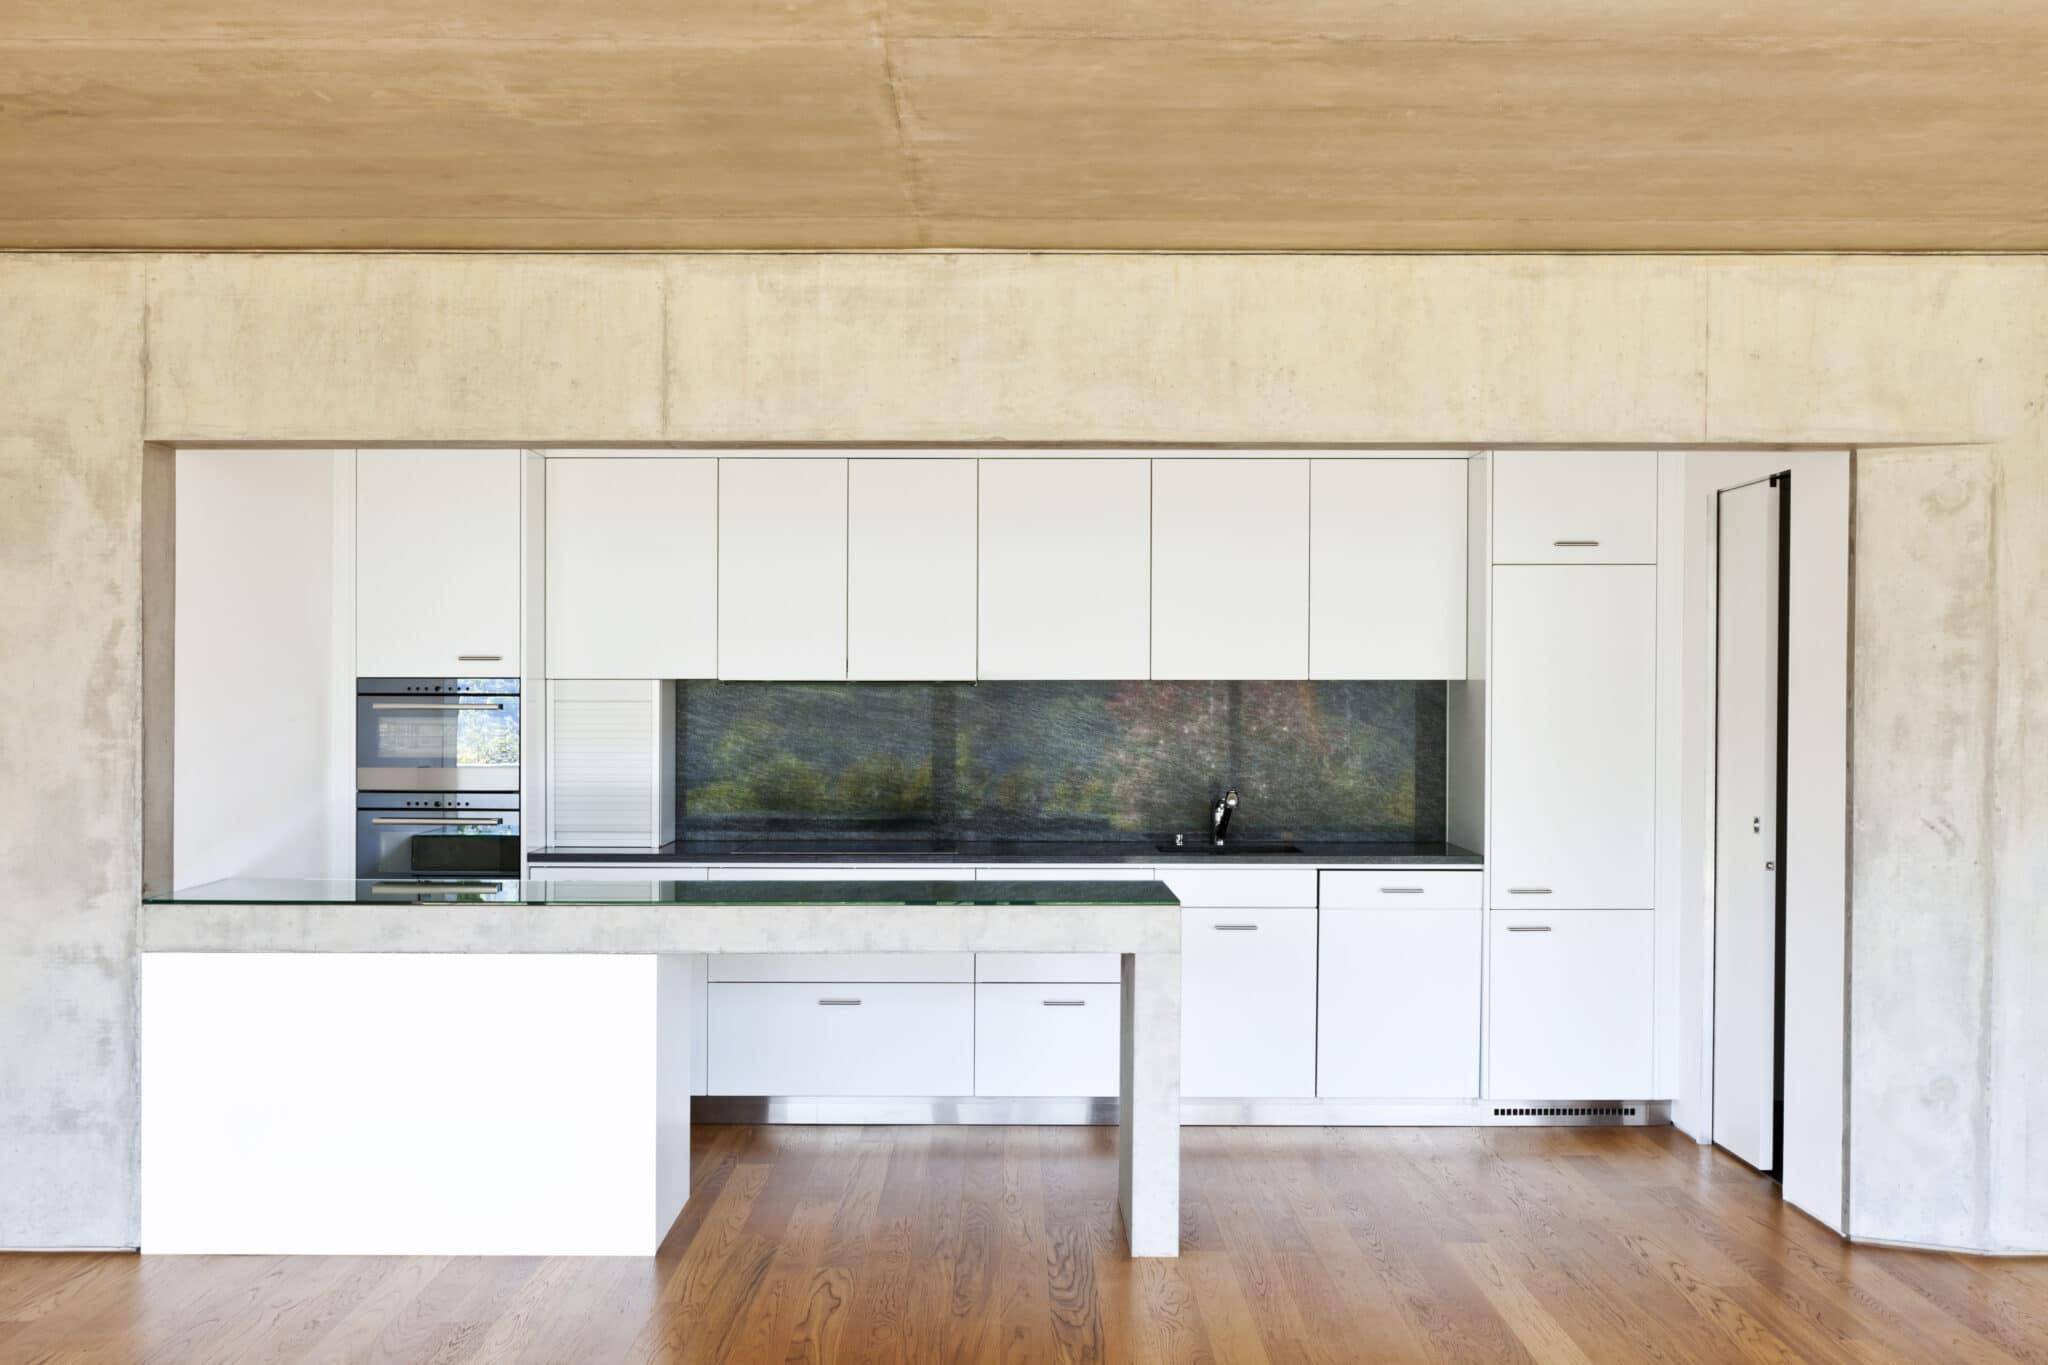 מטבחים מעץ תאורה למטבחים חשוב להם לספק מטבחים איכותיים עם ניסיון רב בשנים שיודעים לספק פתרונות מגוונים לכל בית בד בבד אפיון דרישות הלקוח ומסירת המטבח